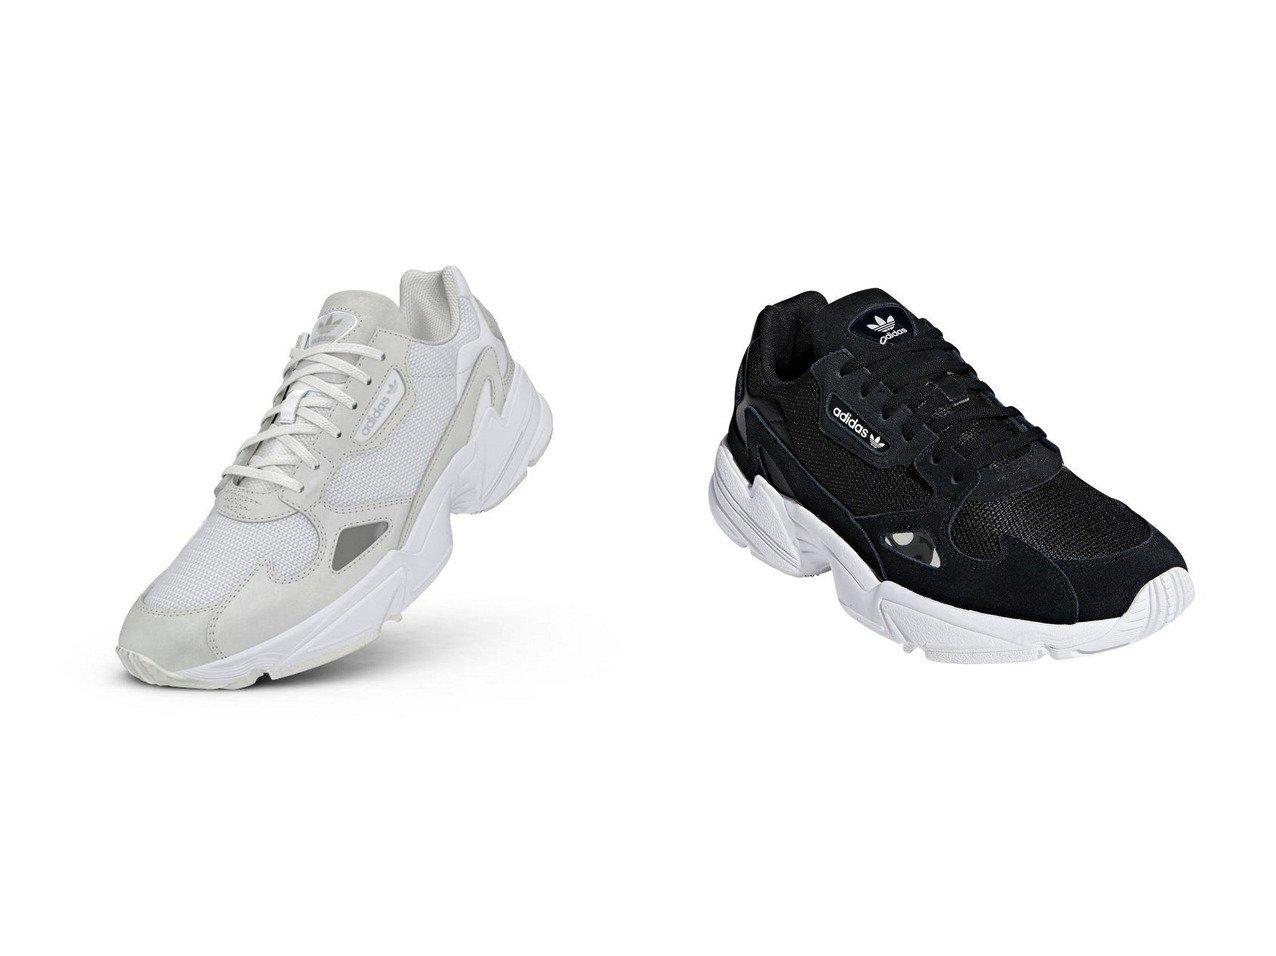 【BEAUTY&YOUTH UNITED ARROWS/ビューティアンド ユースユナイテッドアローズ】のadidas Originals(アディダス) FALCON ファルコン スニーカー シューズ・靴のおすすめ!人気、トレンド・レディースファッションの通販 おすすめで人気の流行・トレンド、ファッションの通販商品 メンズファッション・キッズファッション・インテリア・家具・レディースファッション・服の通販 founy(ファニー) https://founy.com/ ファッション Fashion レディースファッション WOMEN シューズ スニーカー スリッポン トレンド ベーシック ランニング ワイド 再入荷 Restock/Back in Stock/Re Arrival NEW・新作・新着・新入荷 New Arrivals  ID:crp329100000012967